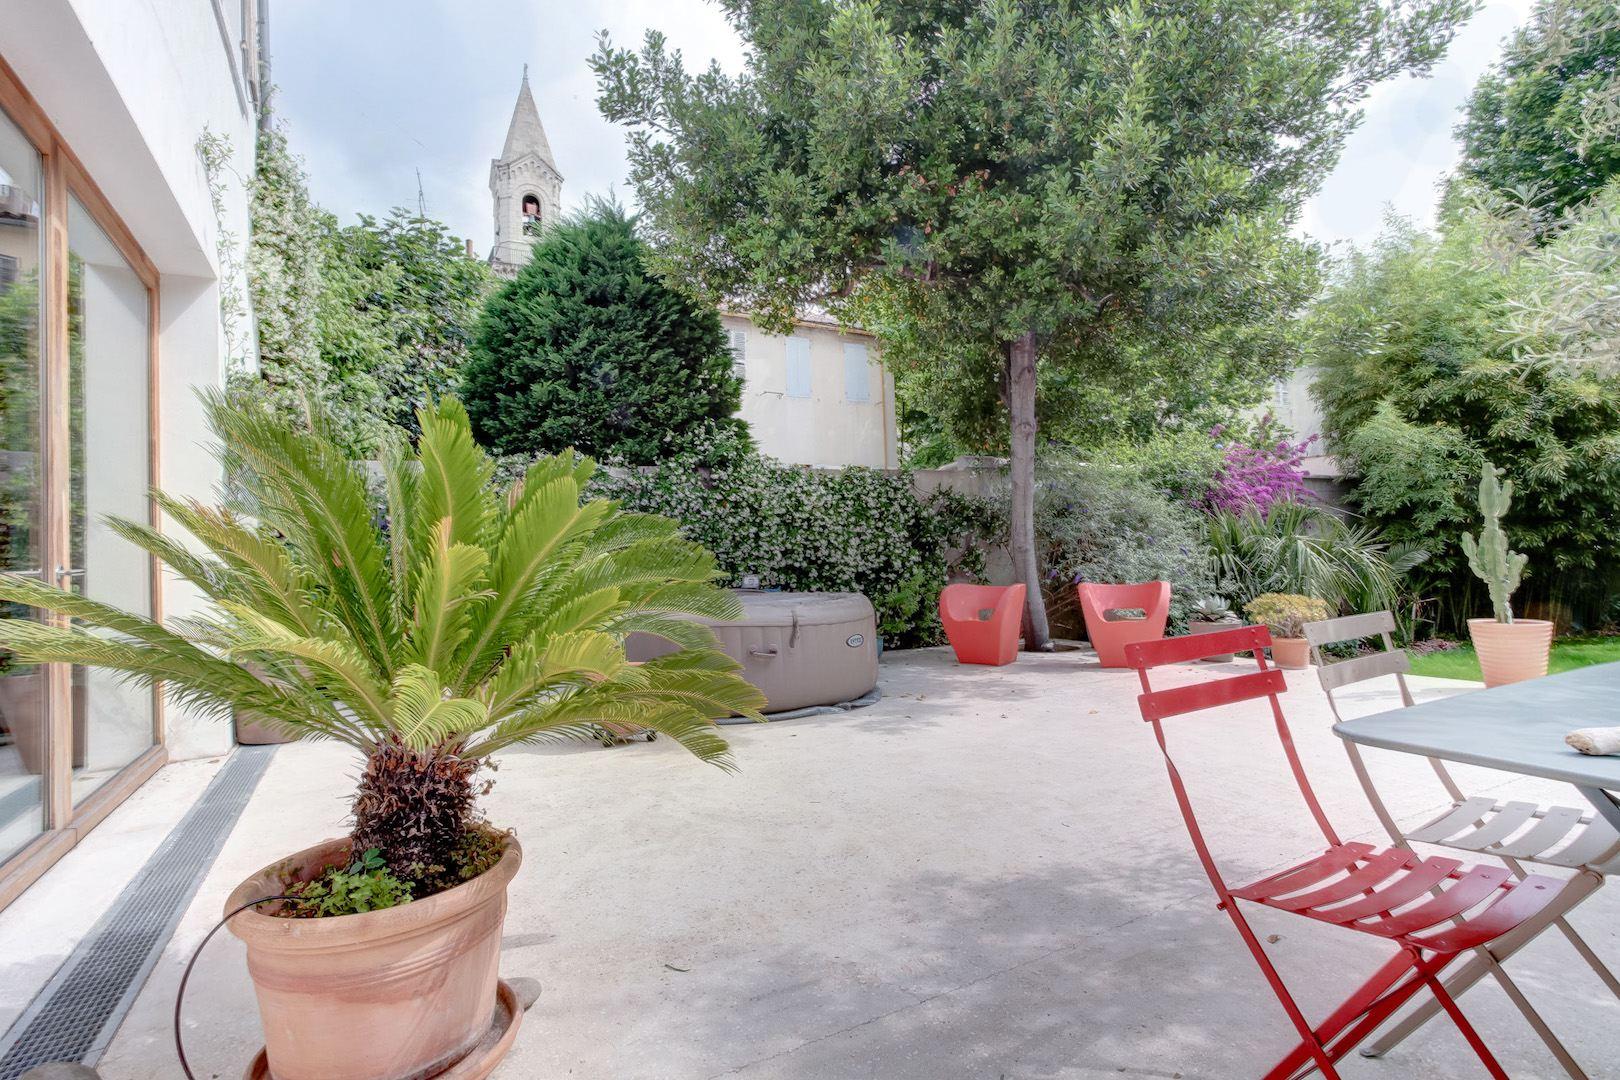 Maison pour une grande famille moderne dans le 5 me ma - Terrasse jardin londrina quadra marseille ...